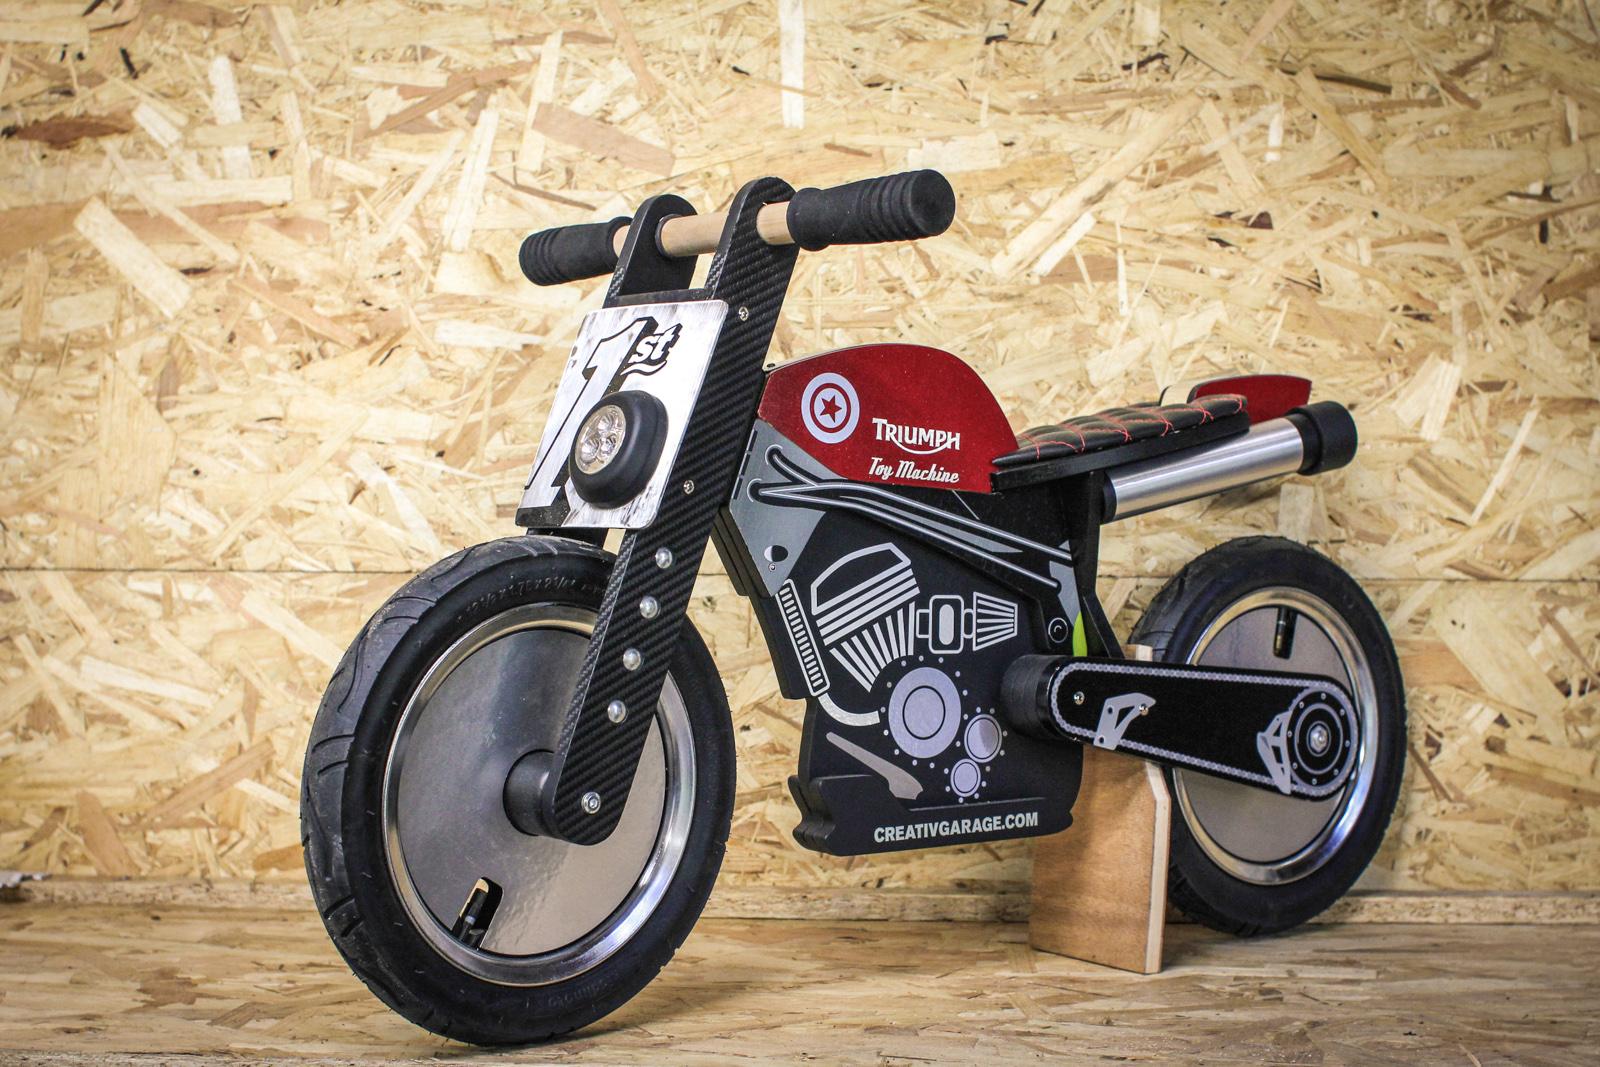 Des draisiennes customis es pour la bonne cause 4h10 for Ouvrir garage moto